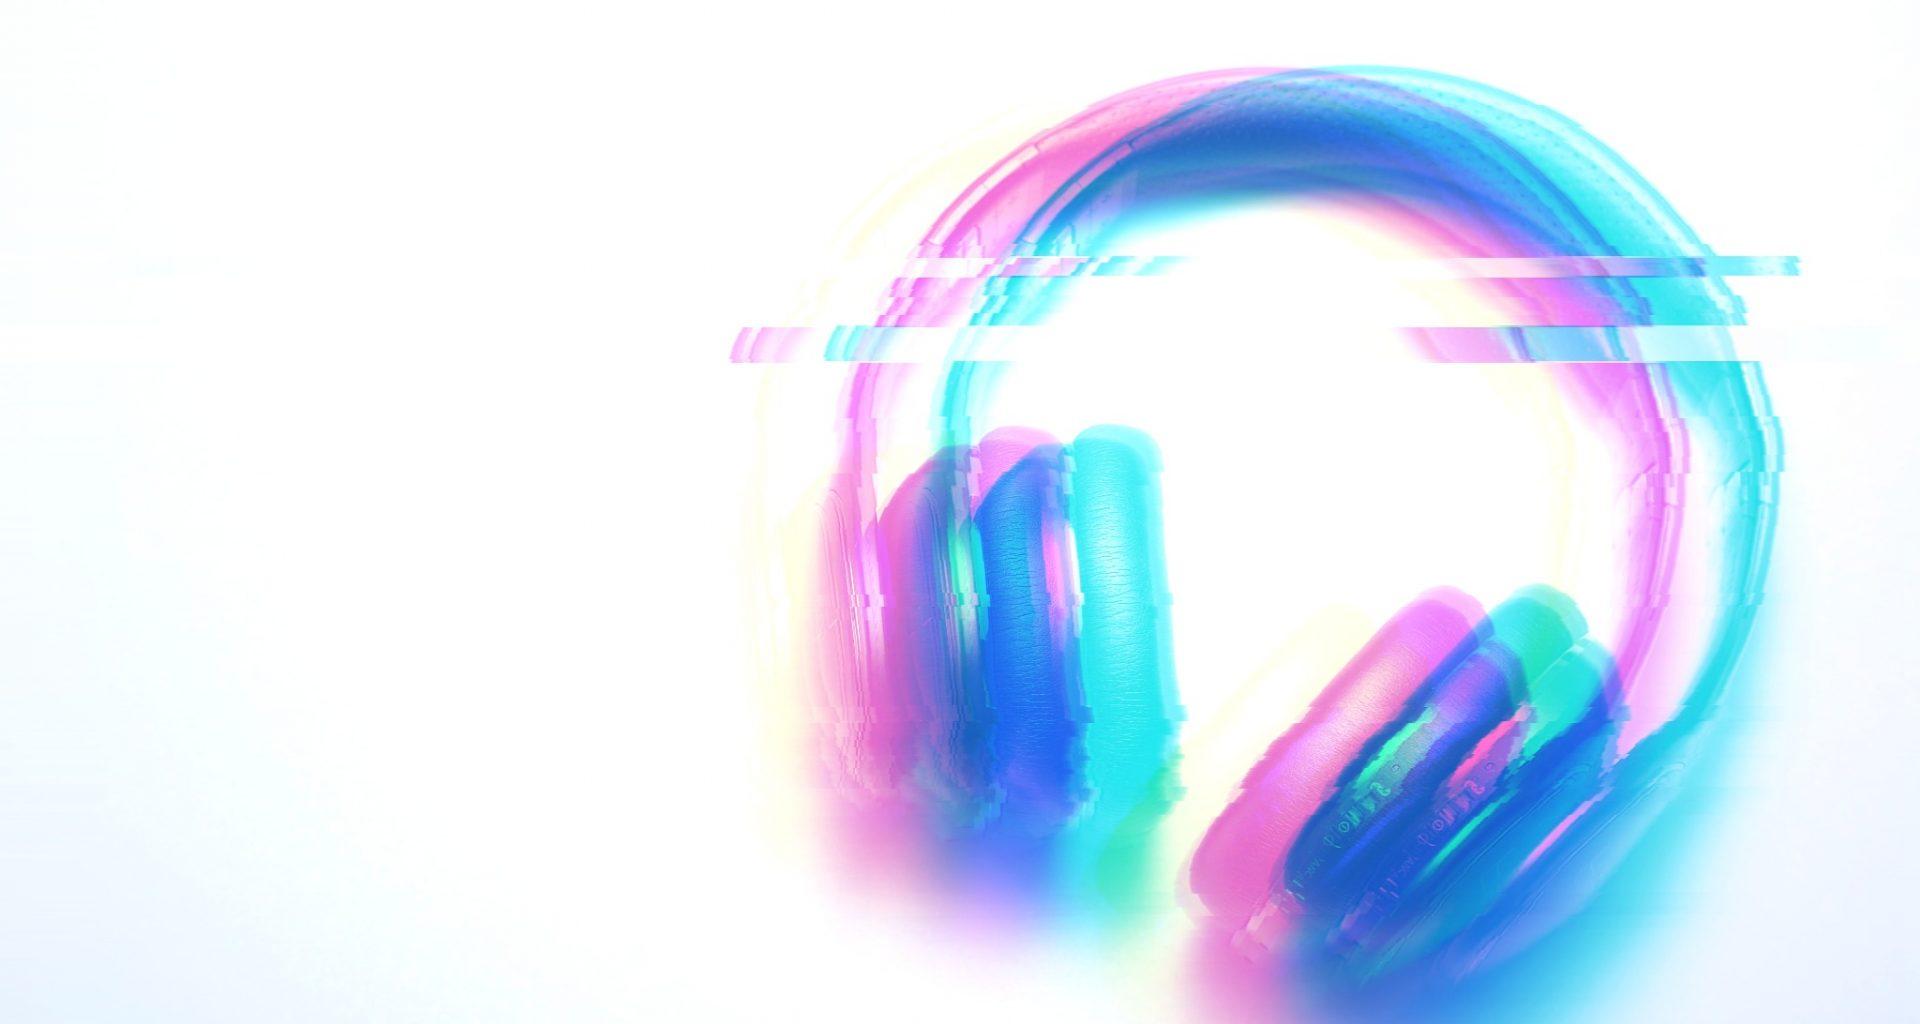 Продвижение своей музыки в интернете